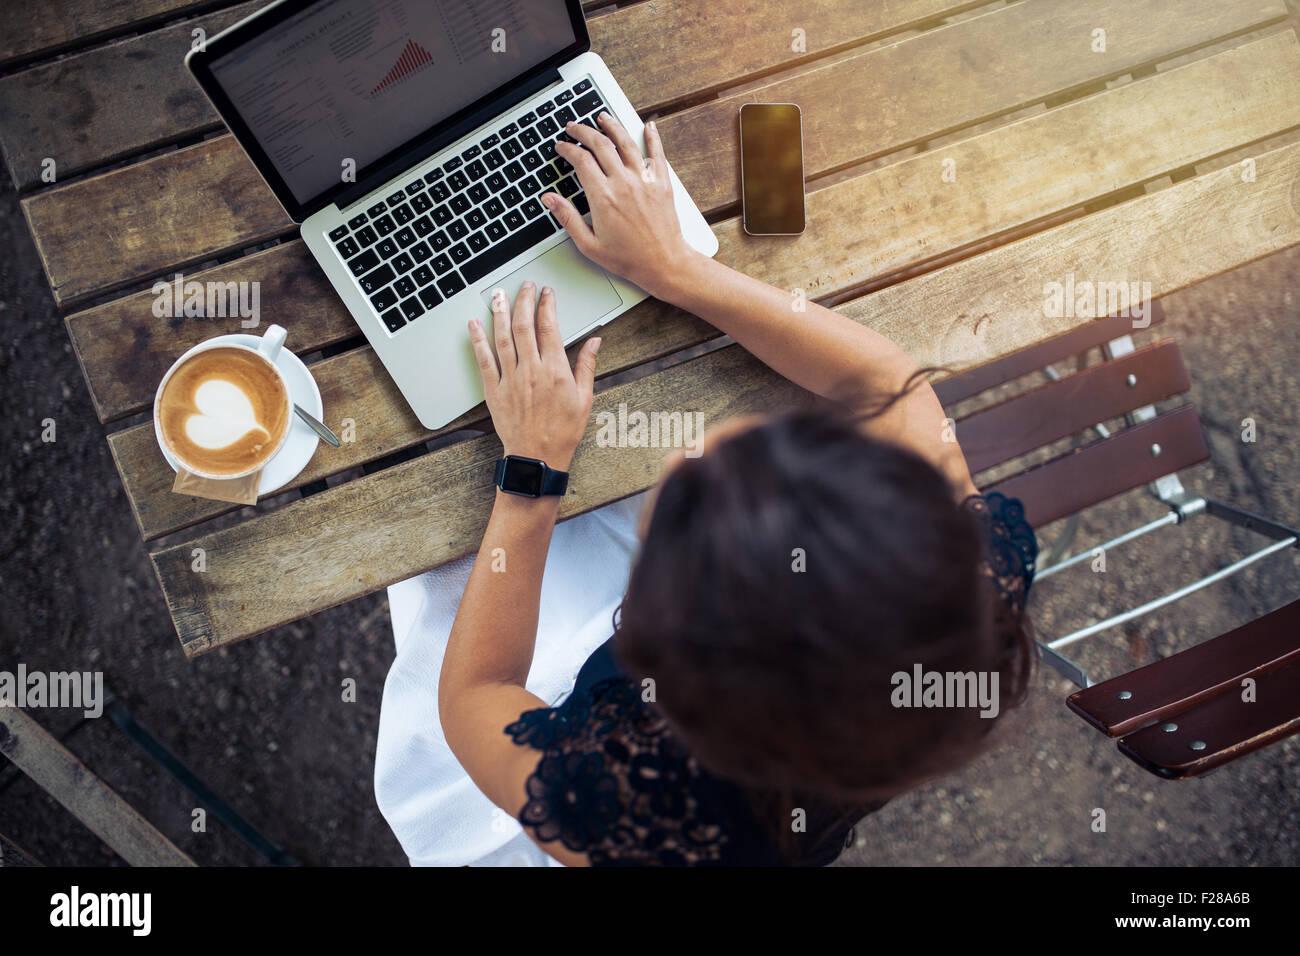 Vista superior de las mujeres utilizando su ordenador portátil en un café. Fotografía cenital del Imagen De Stock